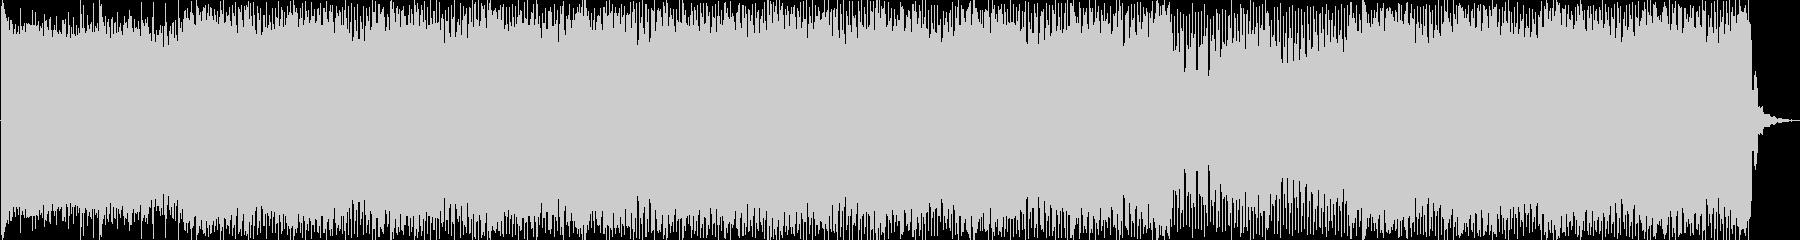 パワフル、アップテンポ、未来的サウンドの未再生の波形